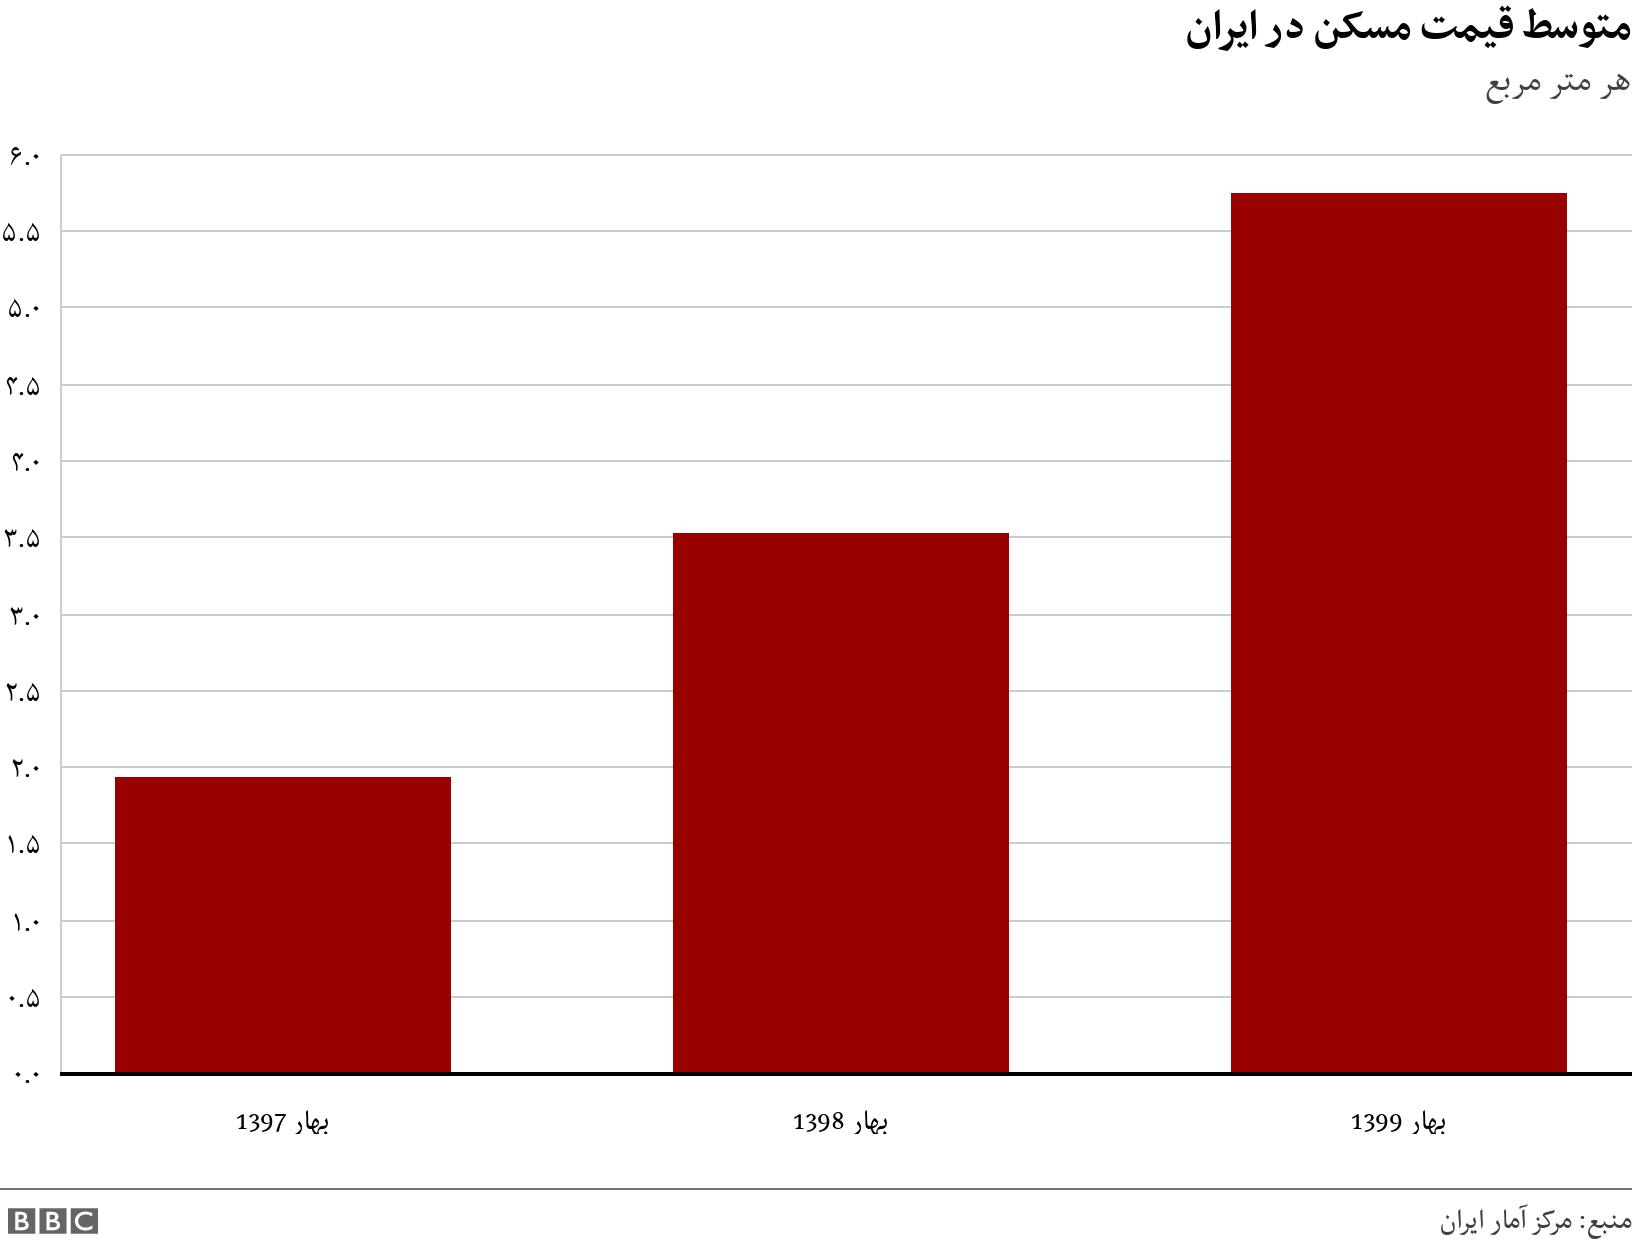 متوسط قیمت مسکن در ایران. هر متر مربع.  .